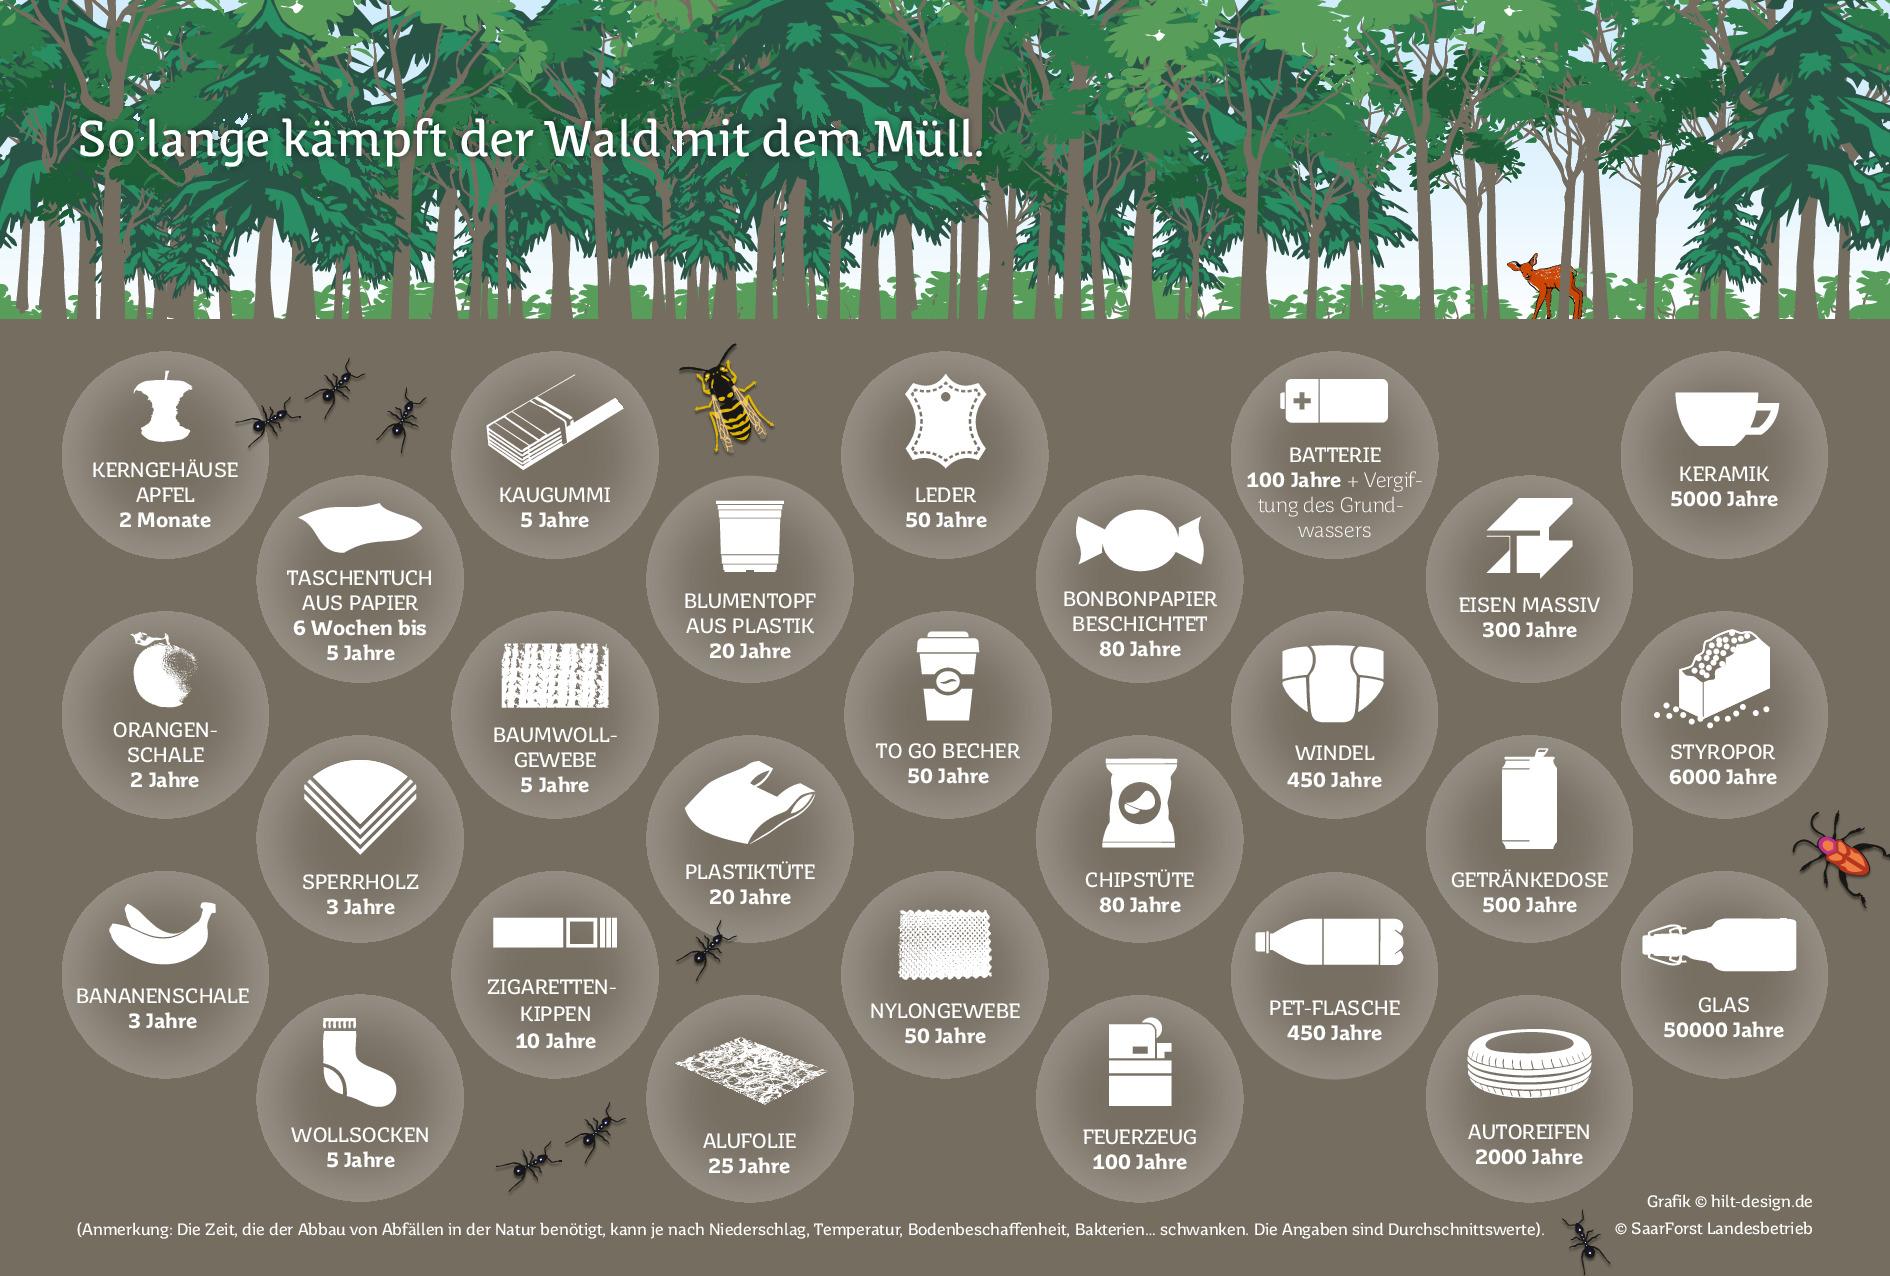 So lange kämpft der Wald mit dem Müll